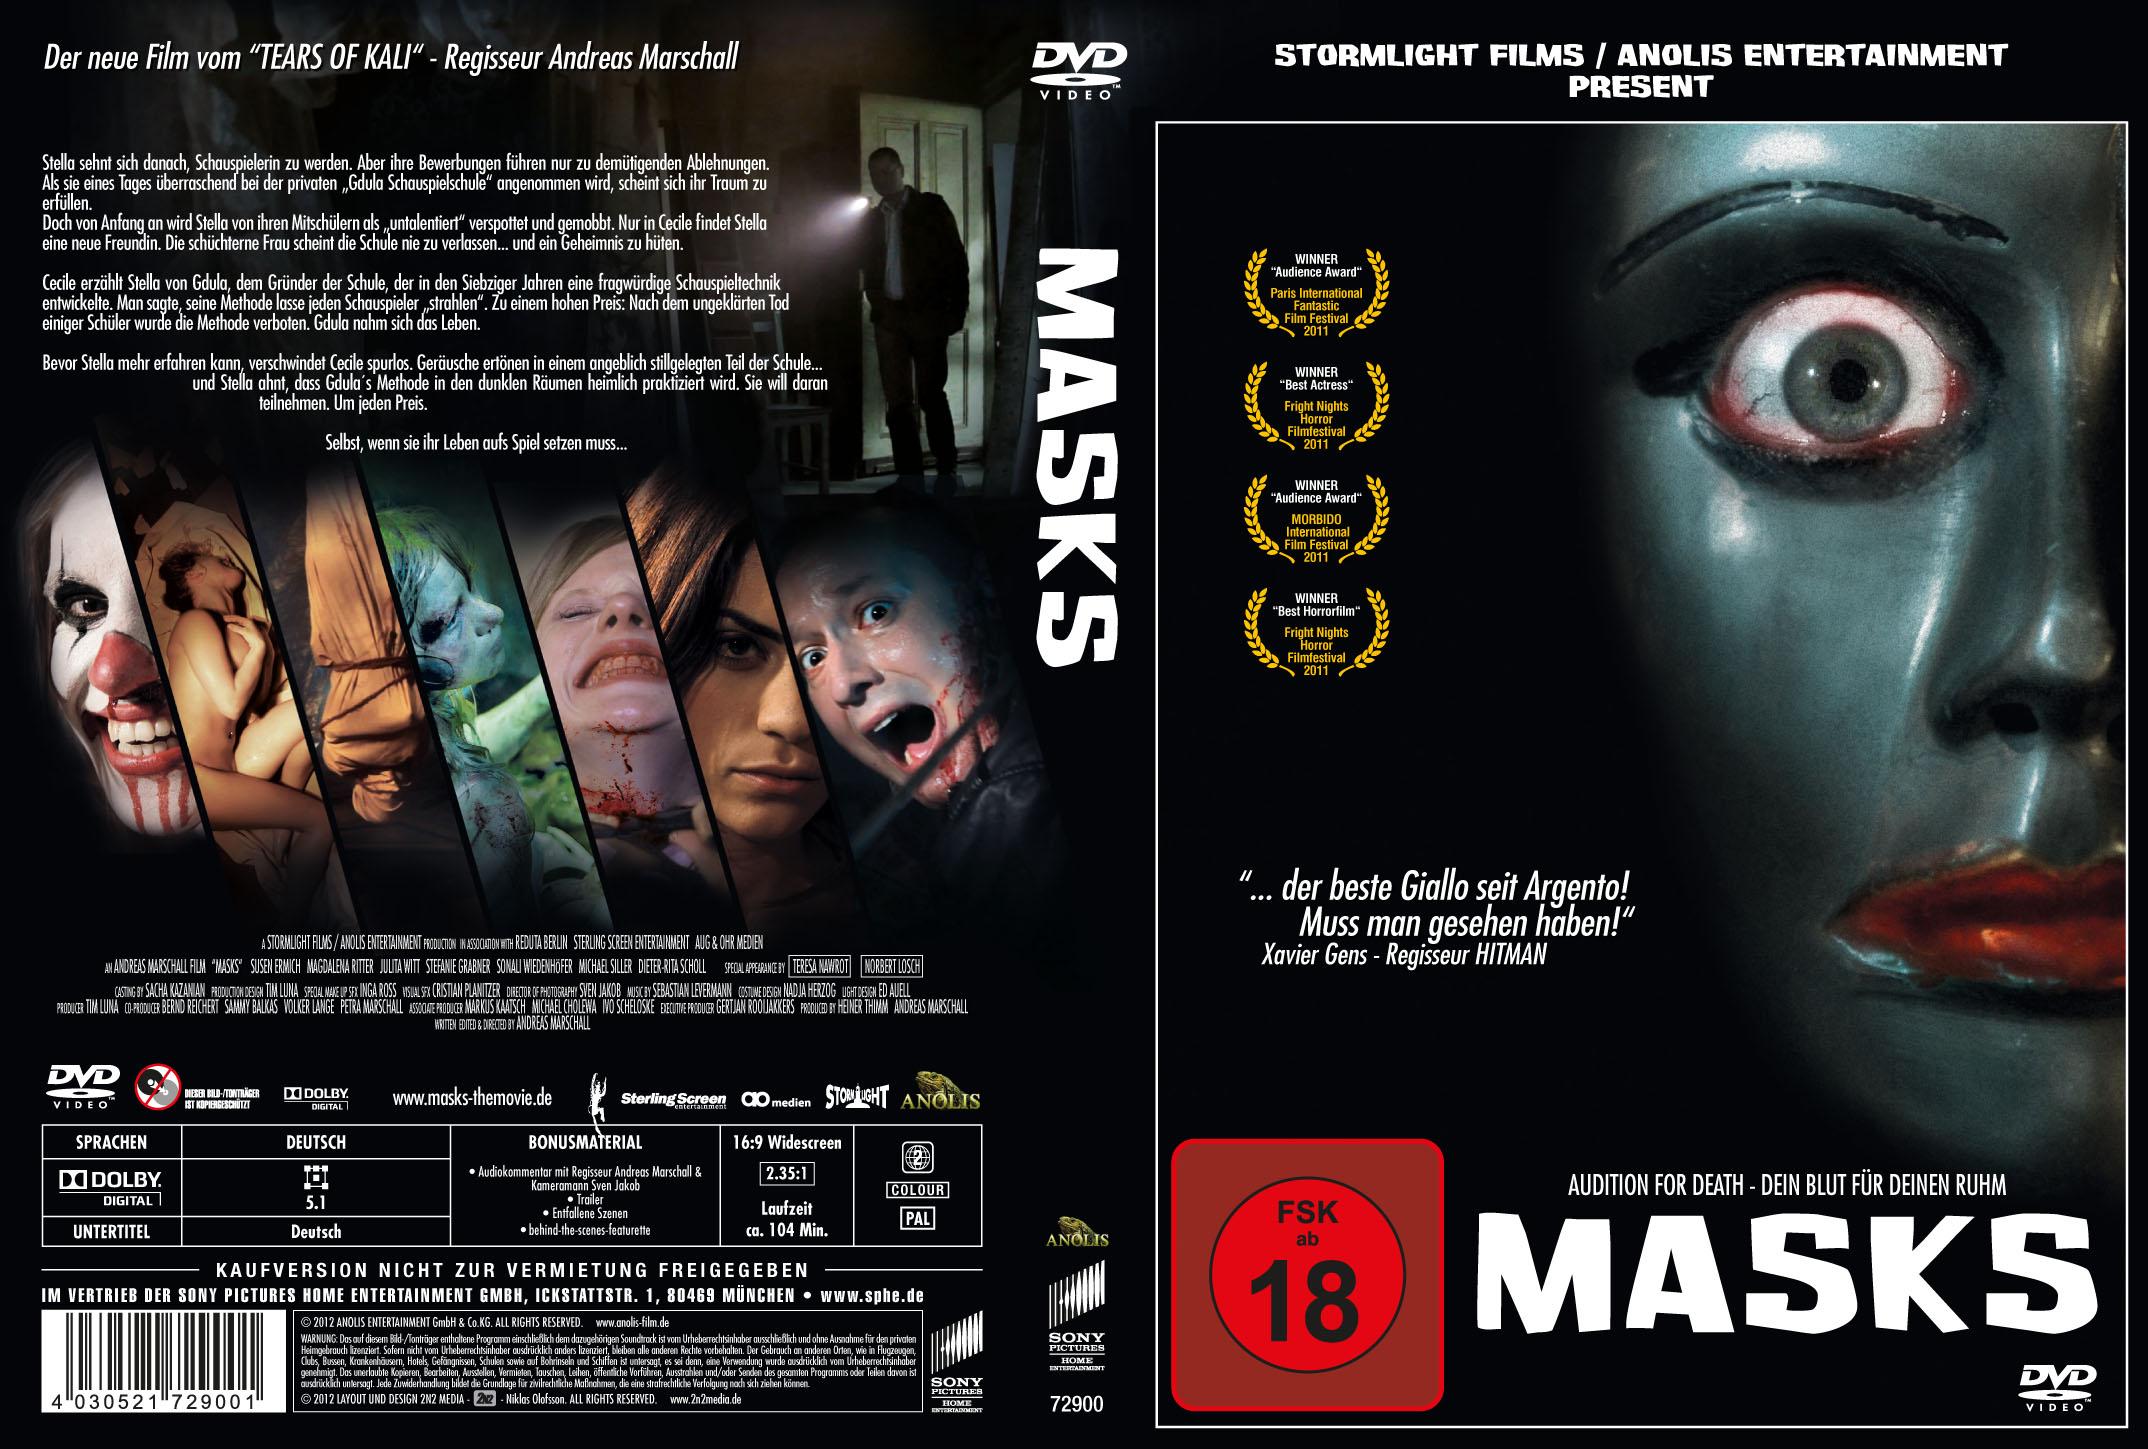 Masks - DVD